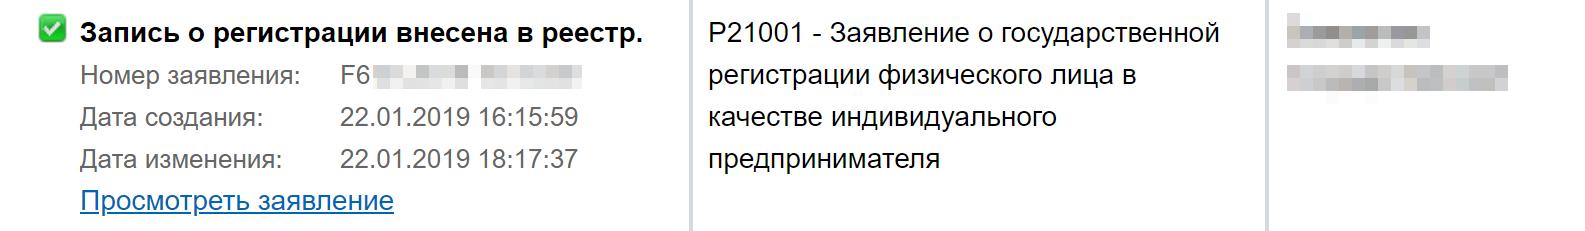 Подписанное заявление появляется в разделе «Мои заявления». Там можно отслеживать его статус